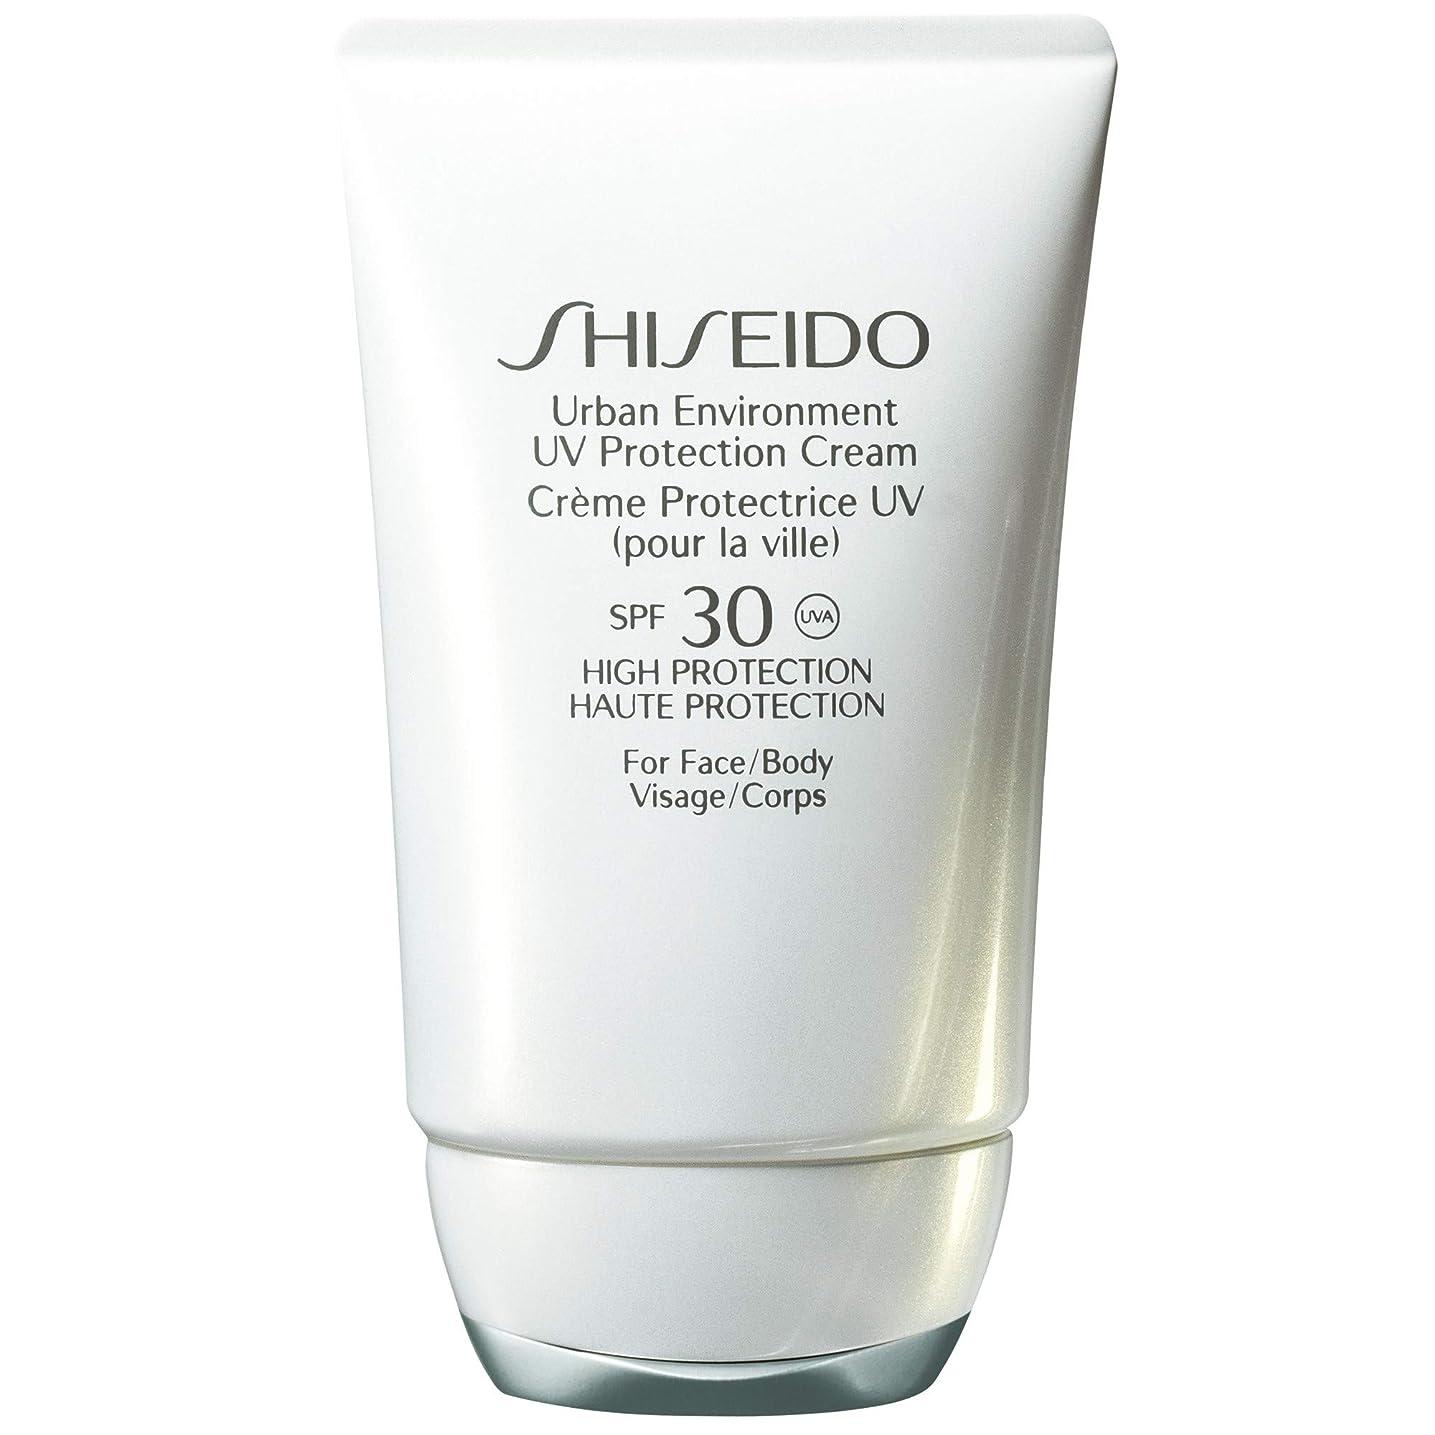 きらめきアジア人マガジン[Shiseido] 資生堂都市環境UvプロテクションクリームSpf 30 50ミリリットル - Shiseido Urban Environment Uv Protection Cream Spf 30 50ml [並行輸入品]